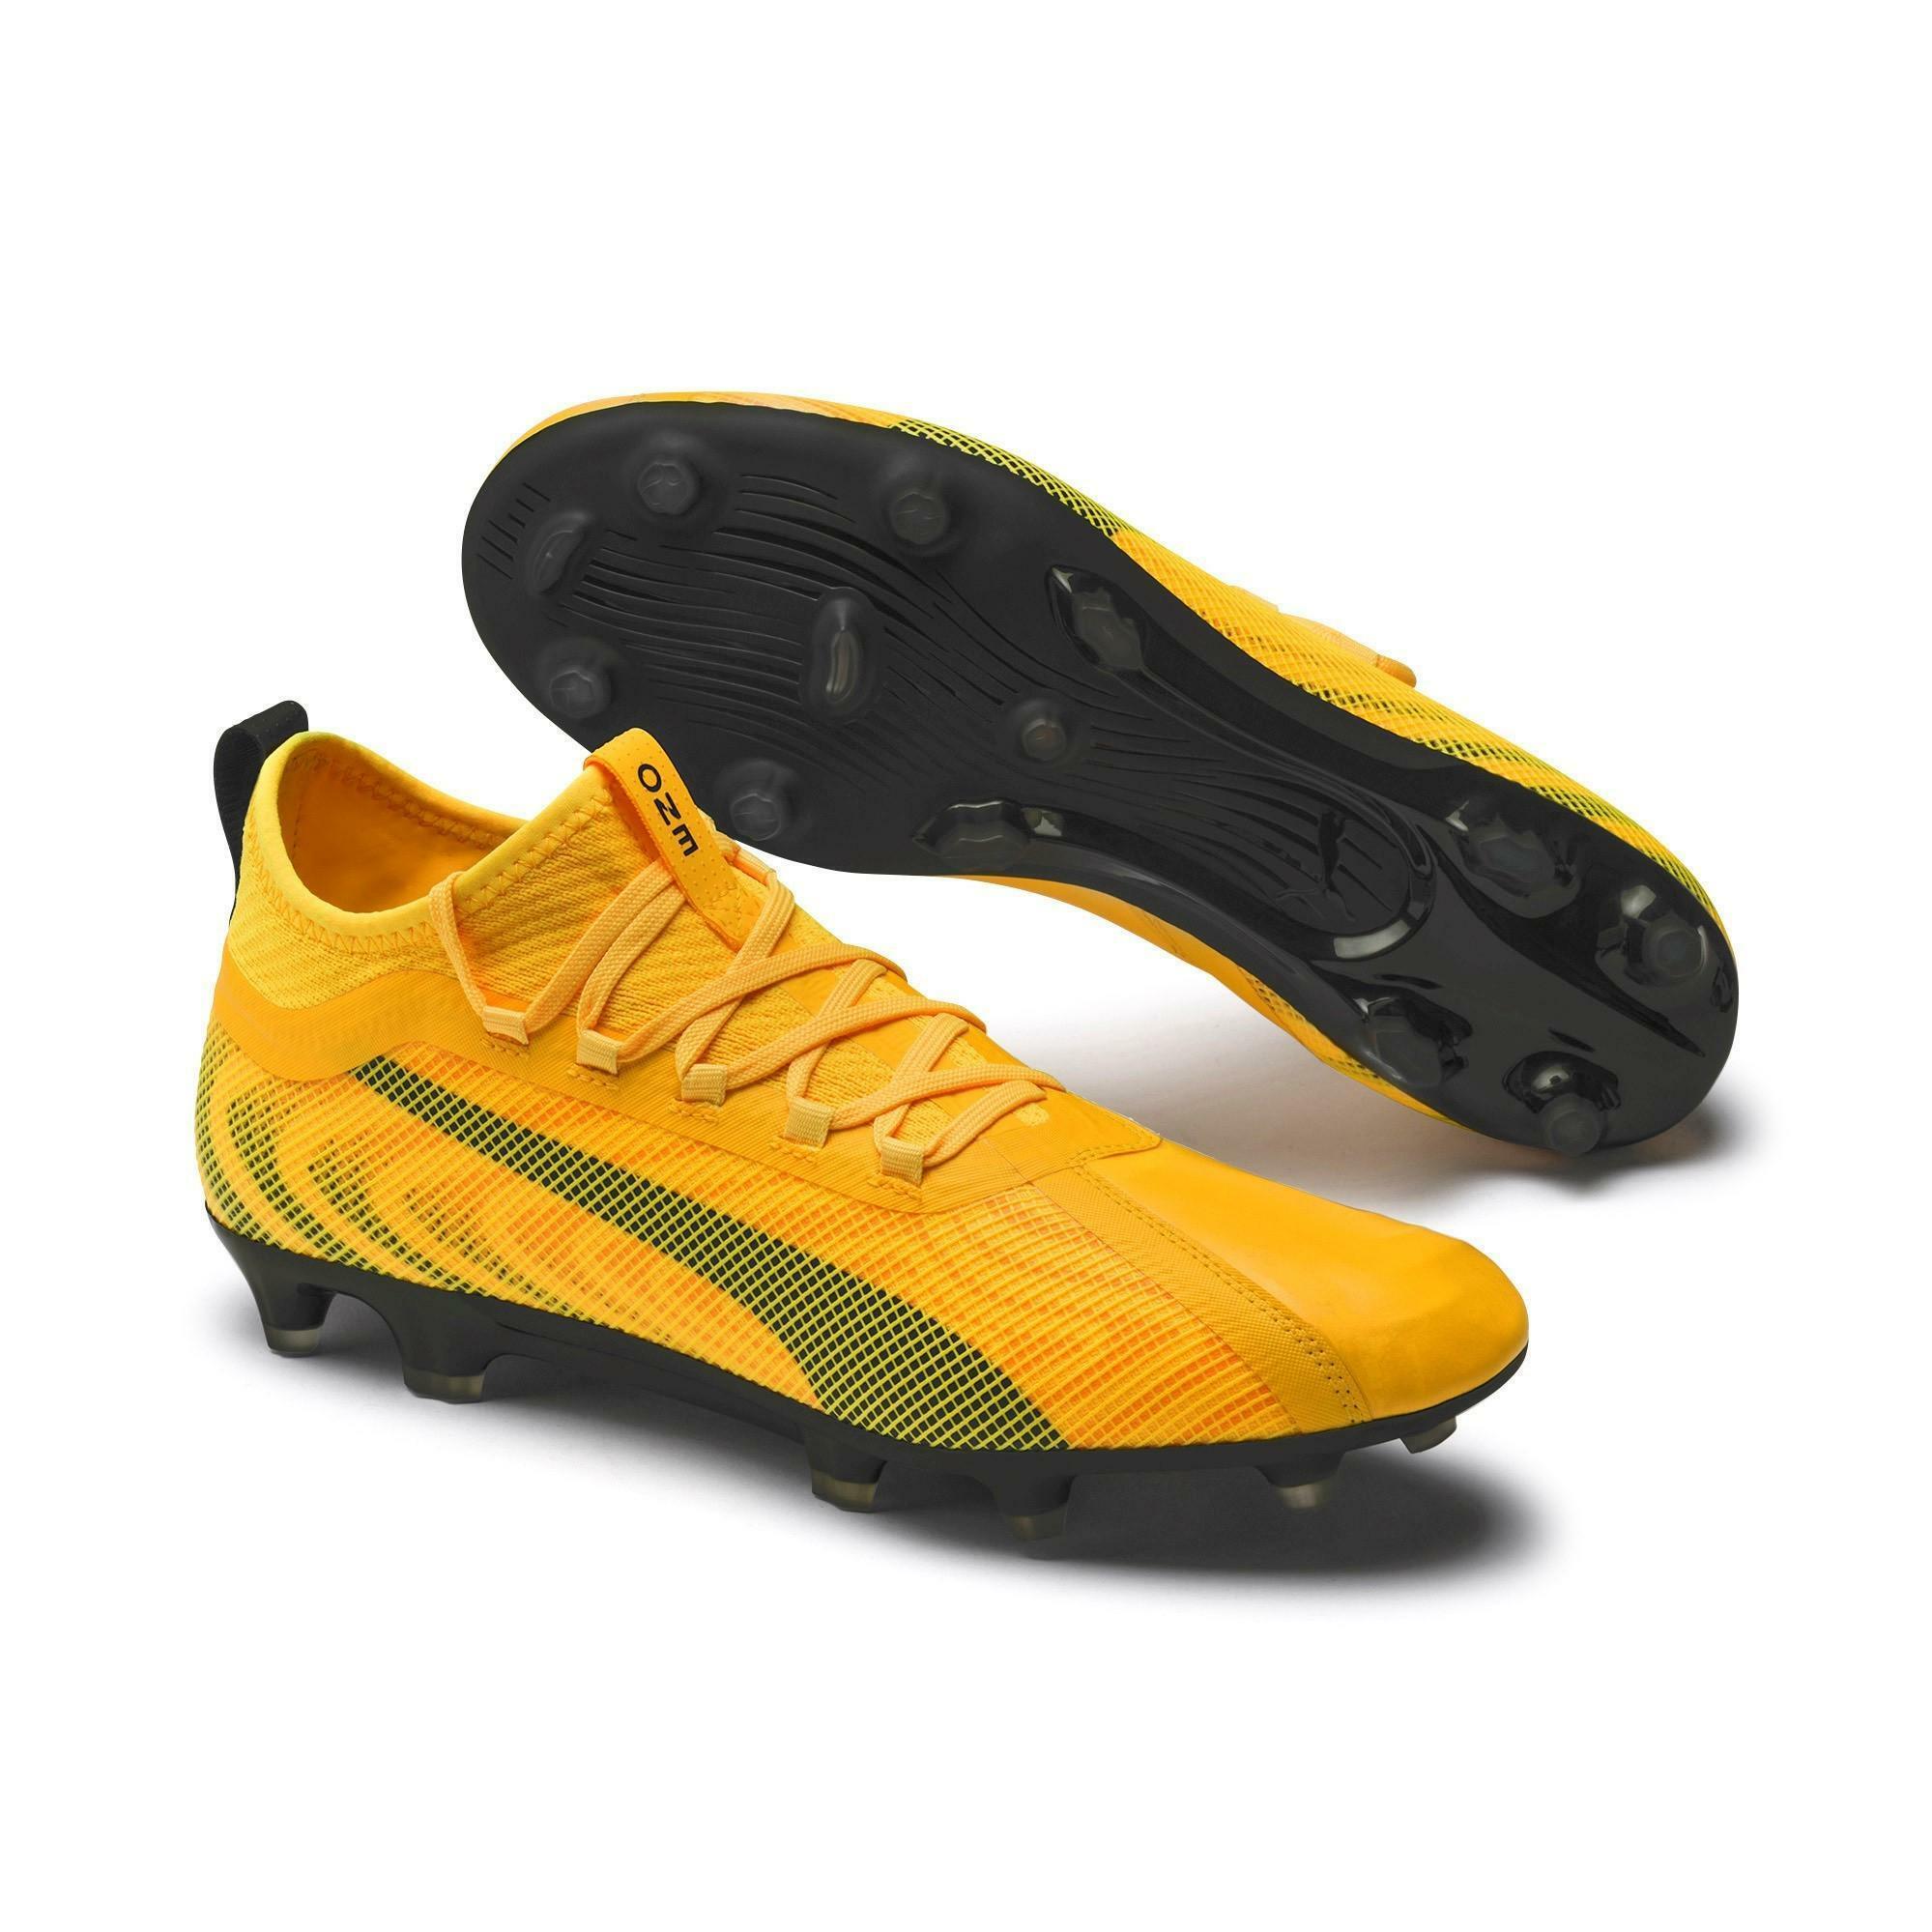 puma puma scarpa calcio one 20.2 fg/ag